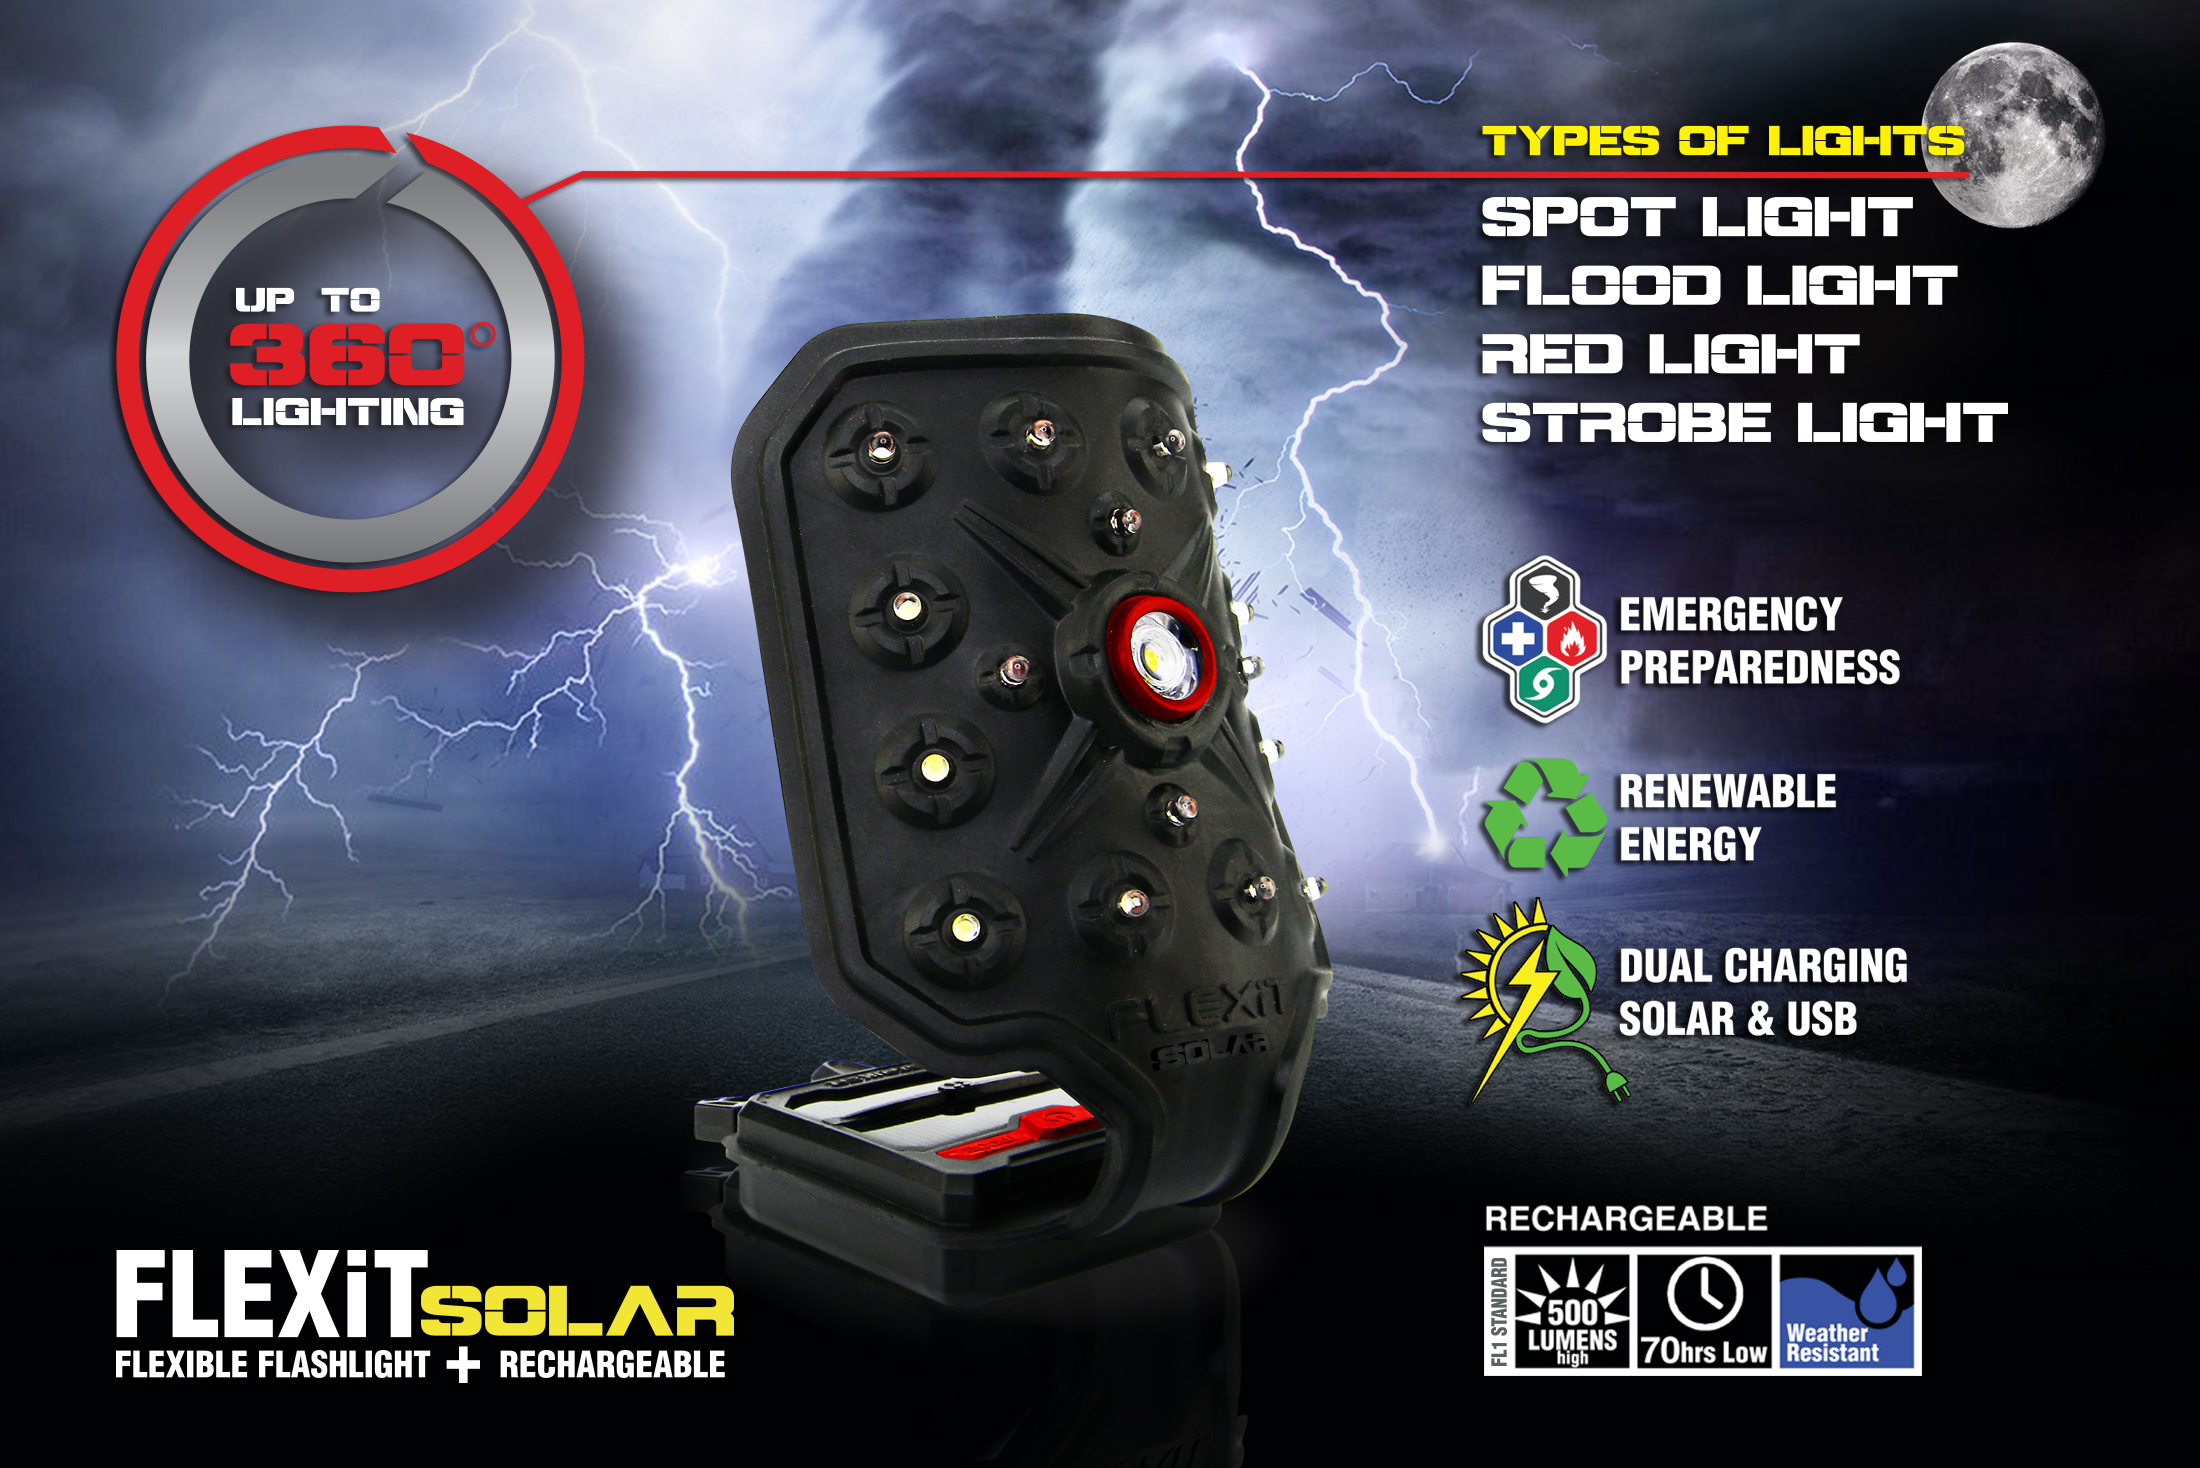 FLEXiT Solar Storm emergency